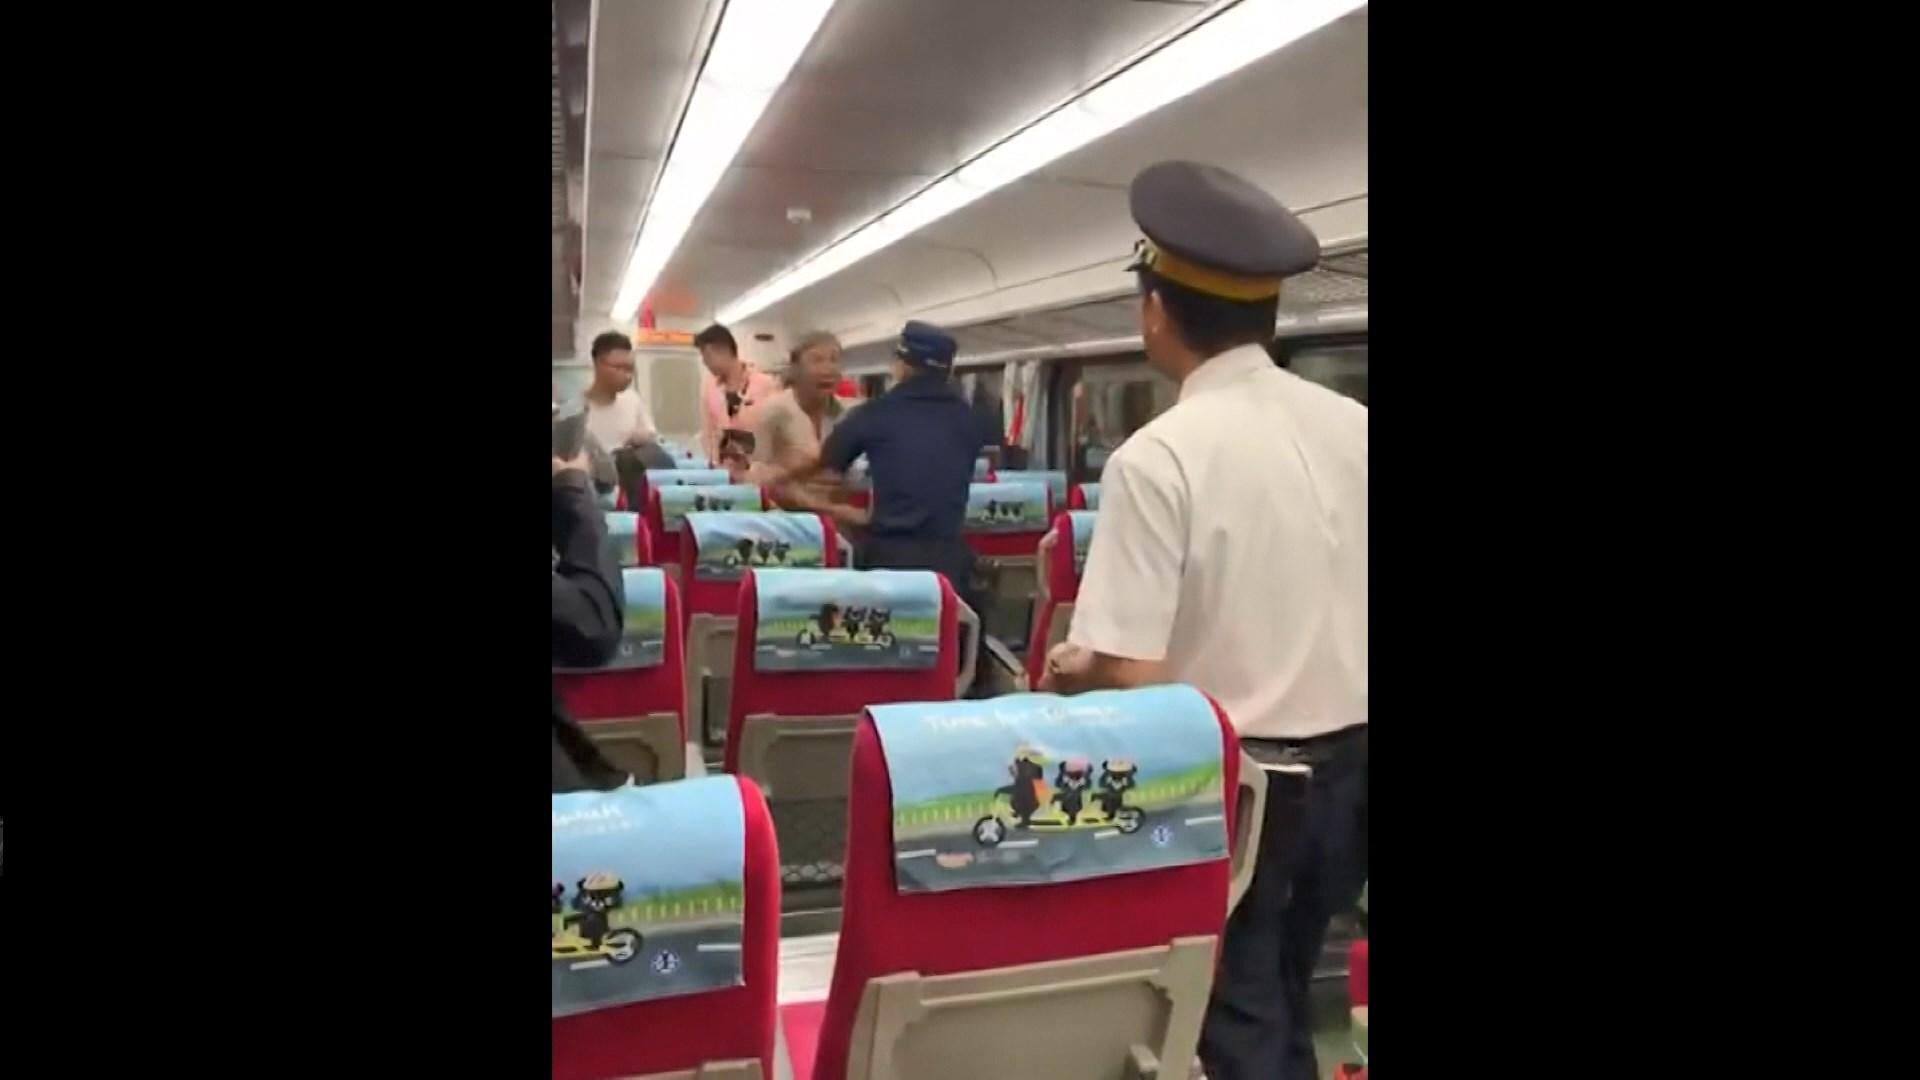 台灣鐵路警察處理補票糾紛遭刺死